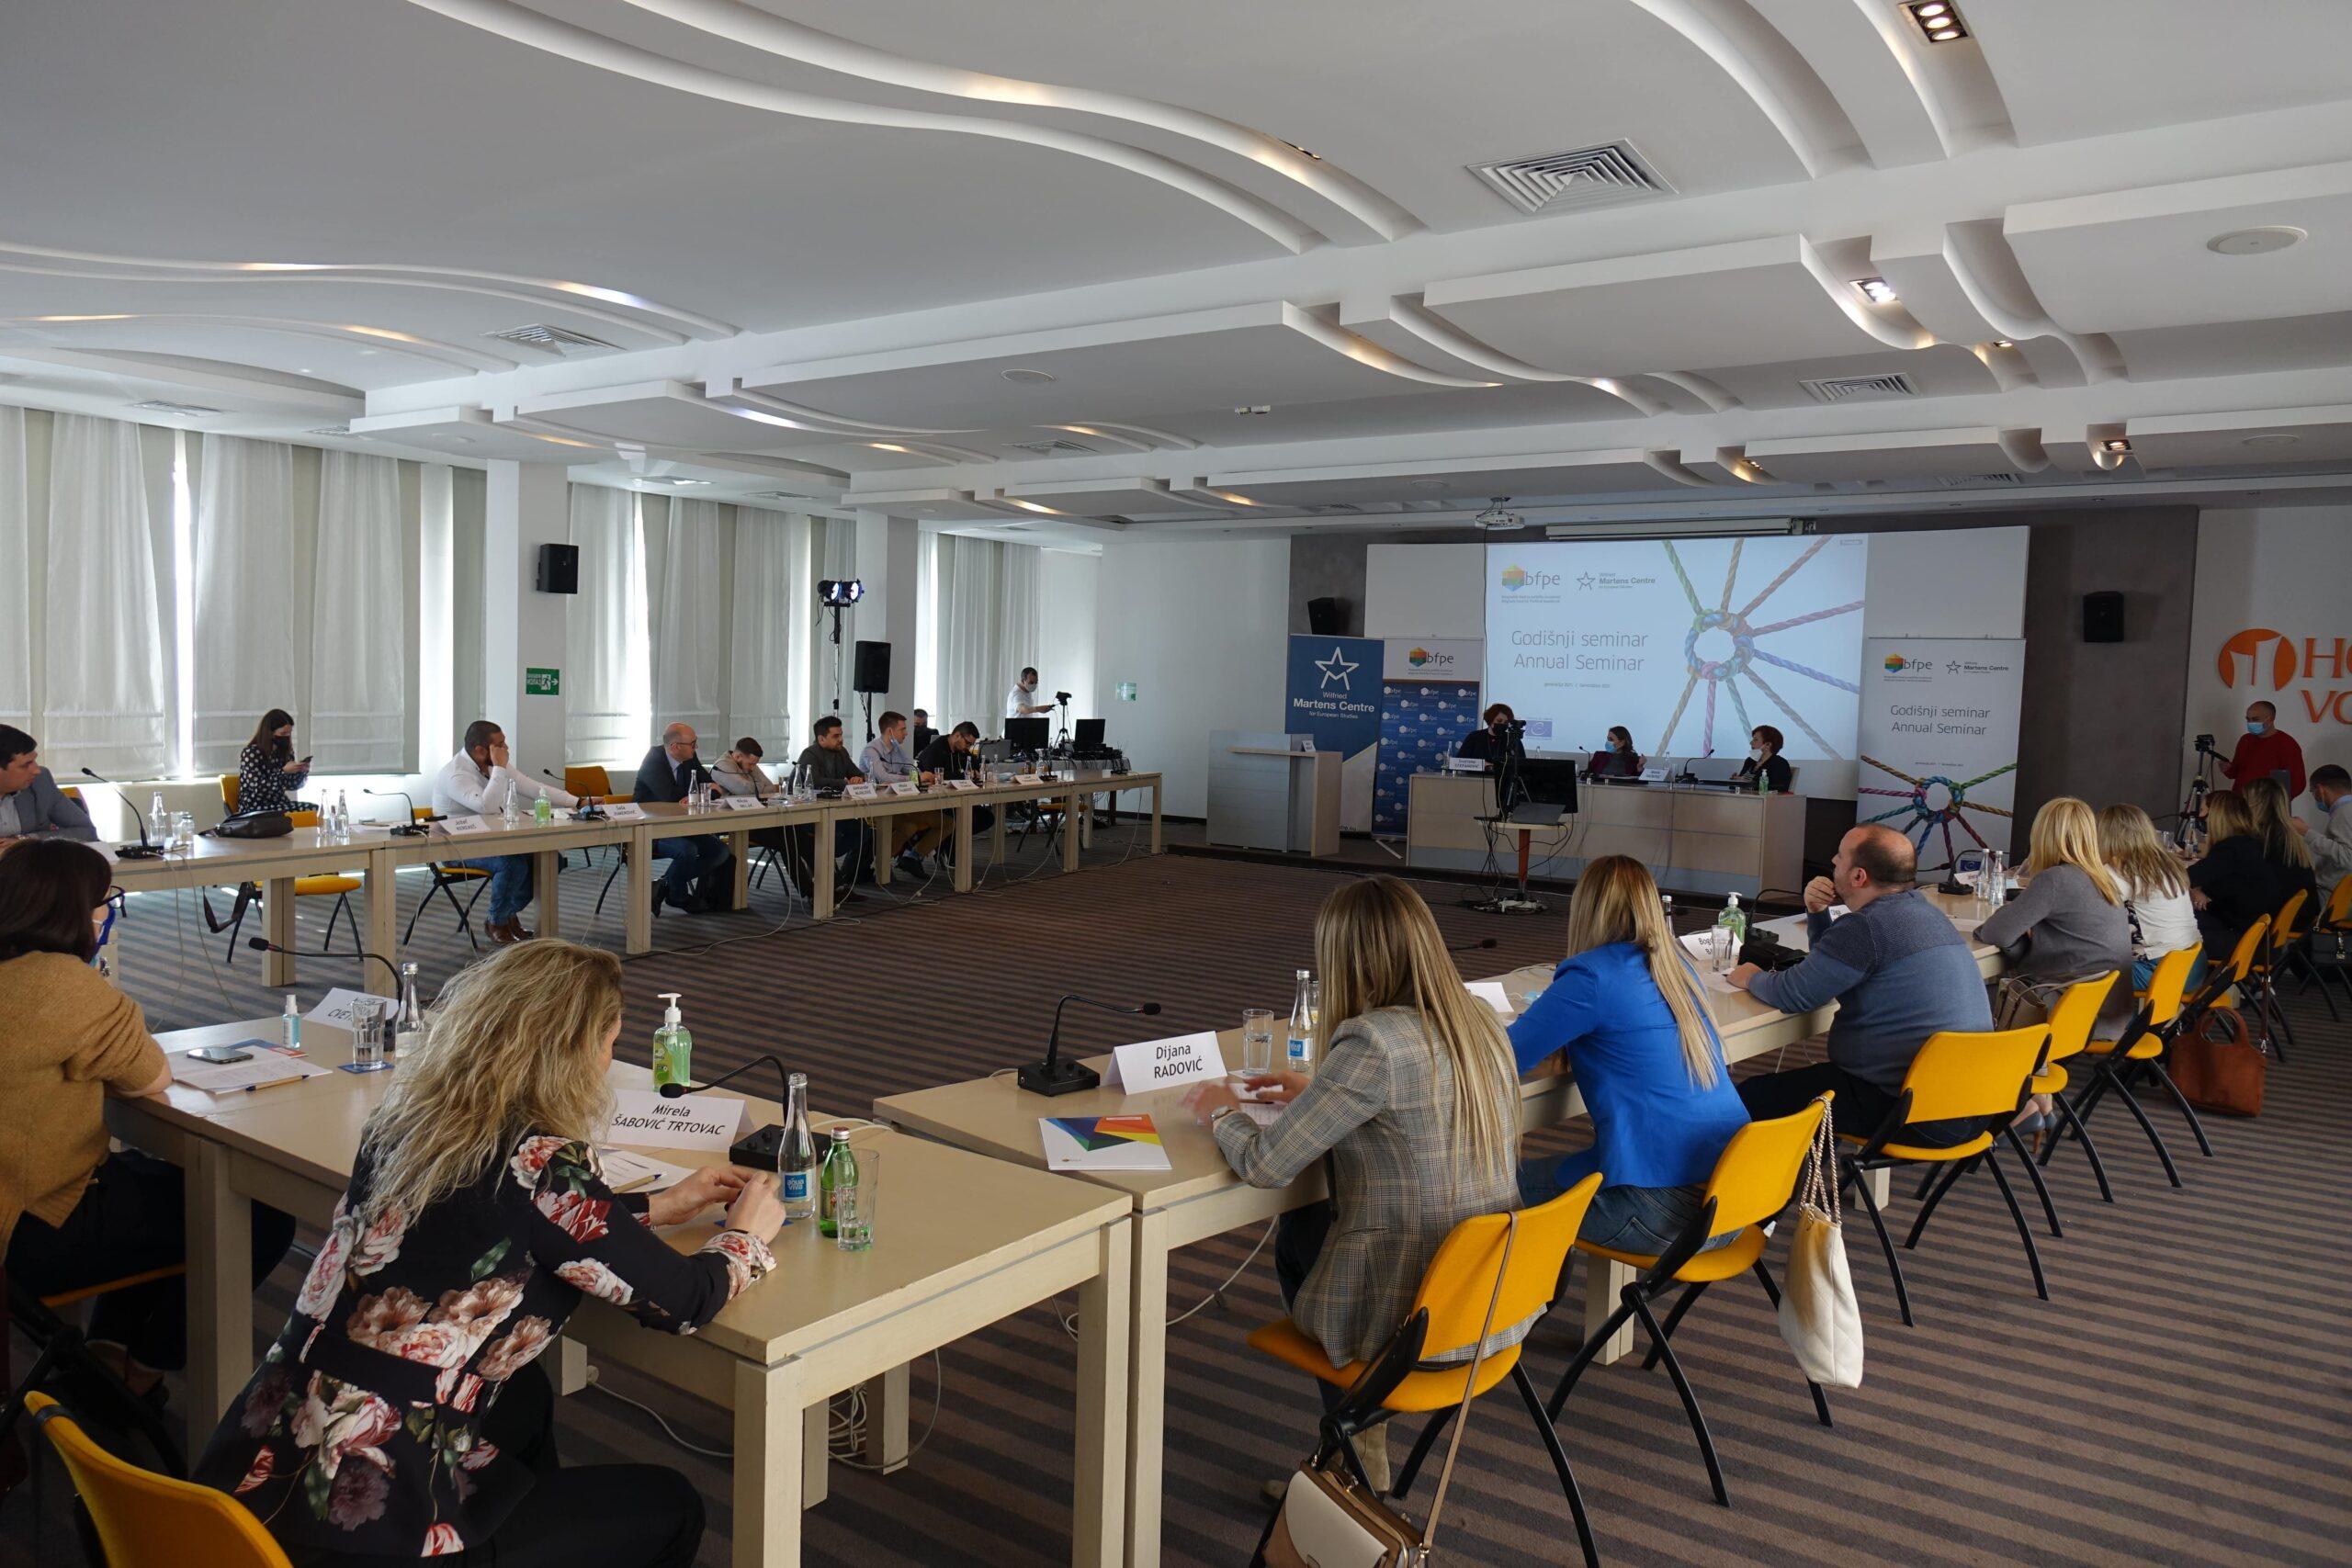 Socijalni i ekonomski izazovi u uslovima krize – prvi događaj Godišnjeg seminara 2021.